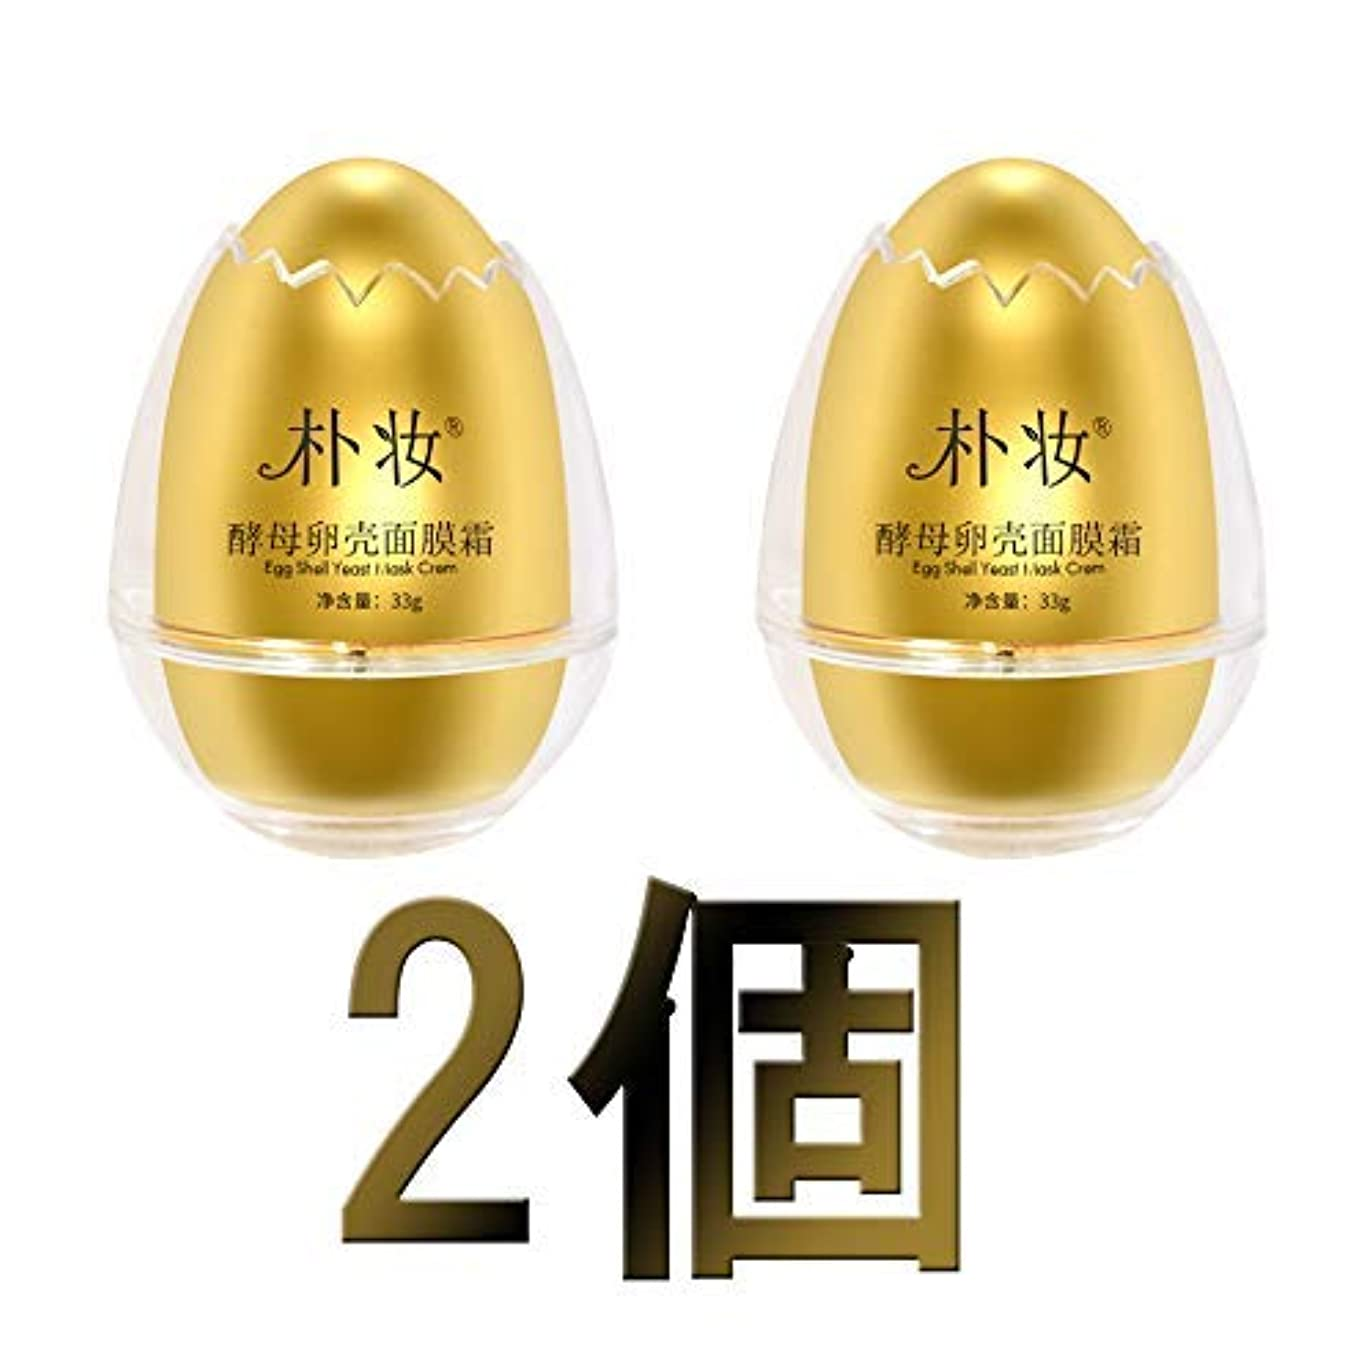 年忘れっぽい運搬朴妆たんたんパックx2個 酵母卵殻マスククリーム33g しっとりと た肌,シュリンクポア,しわ耐性,肌を引っ張る、